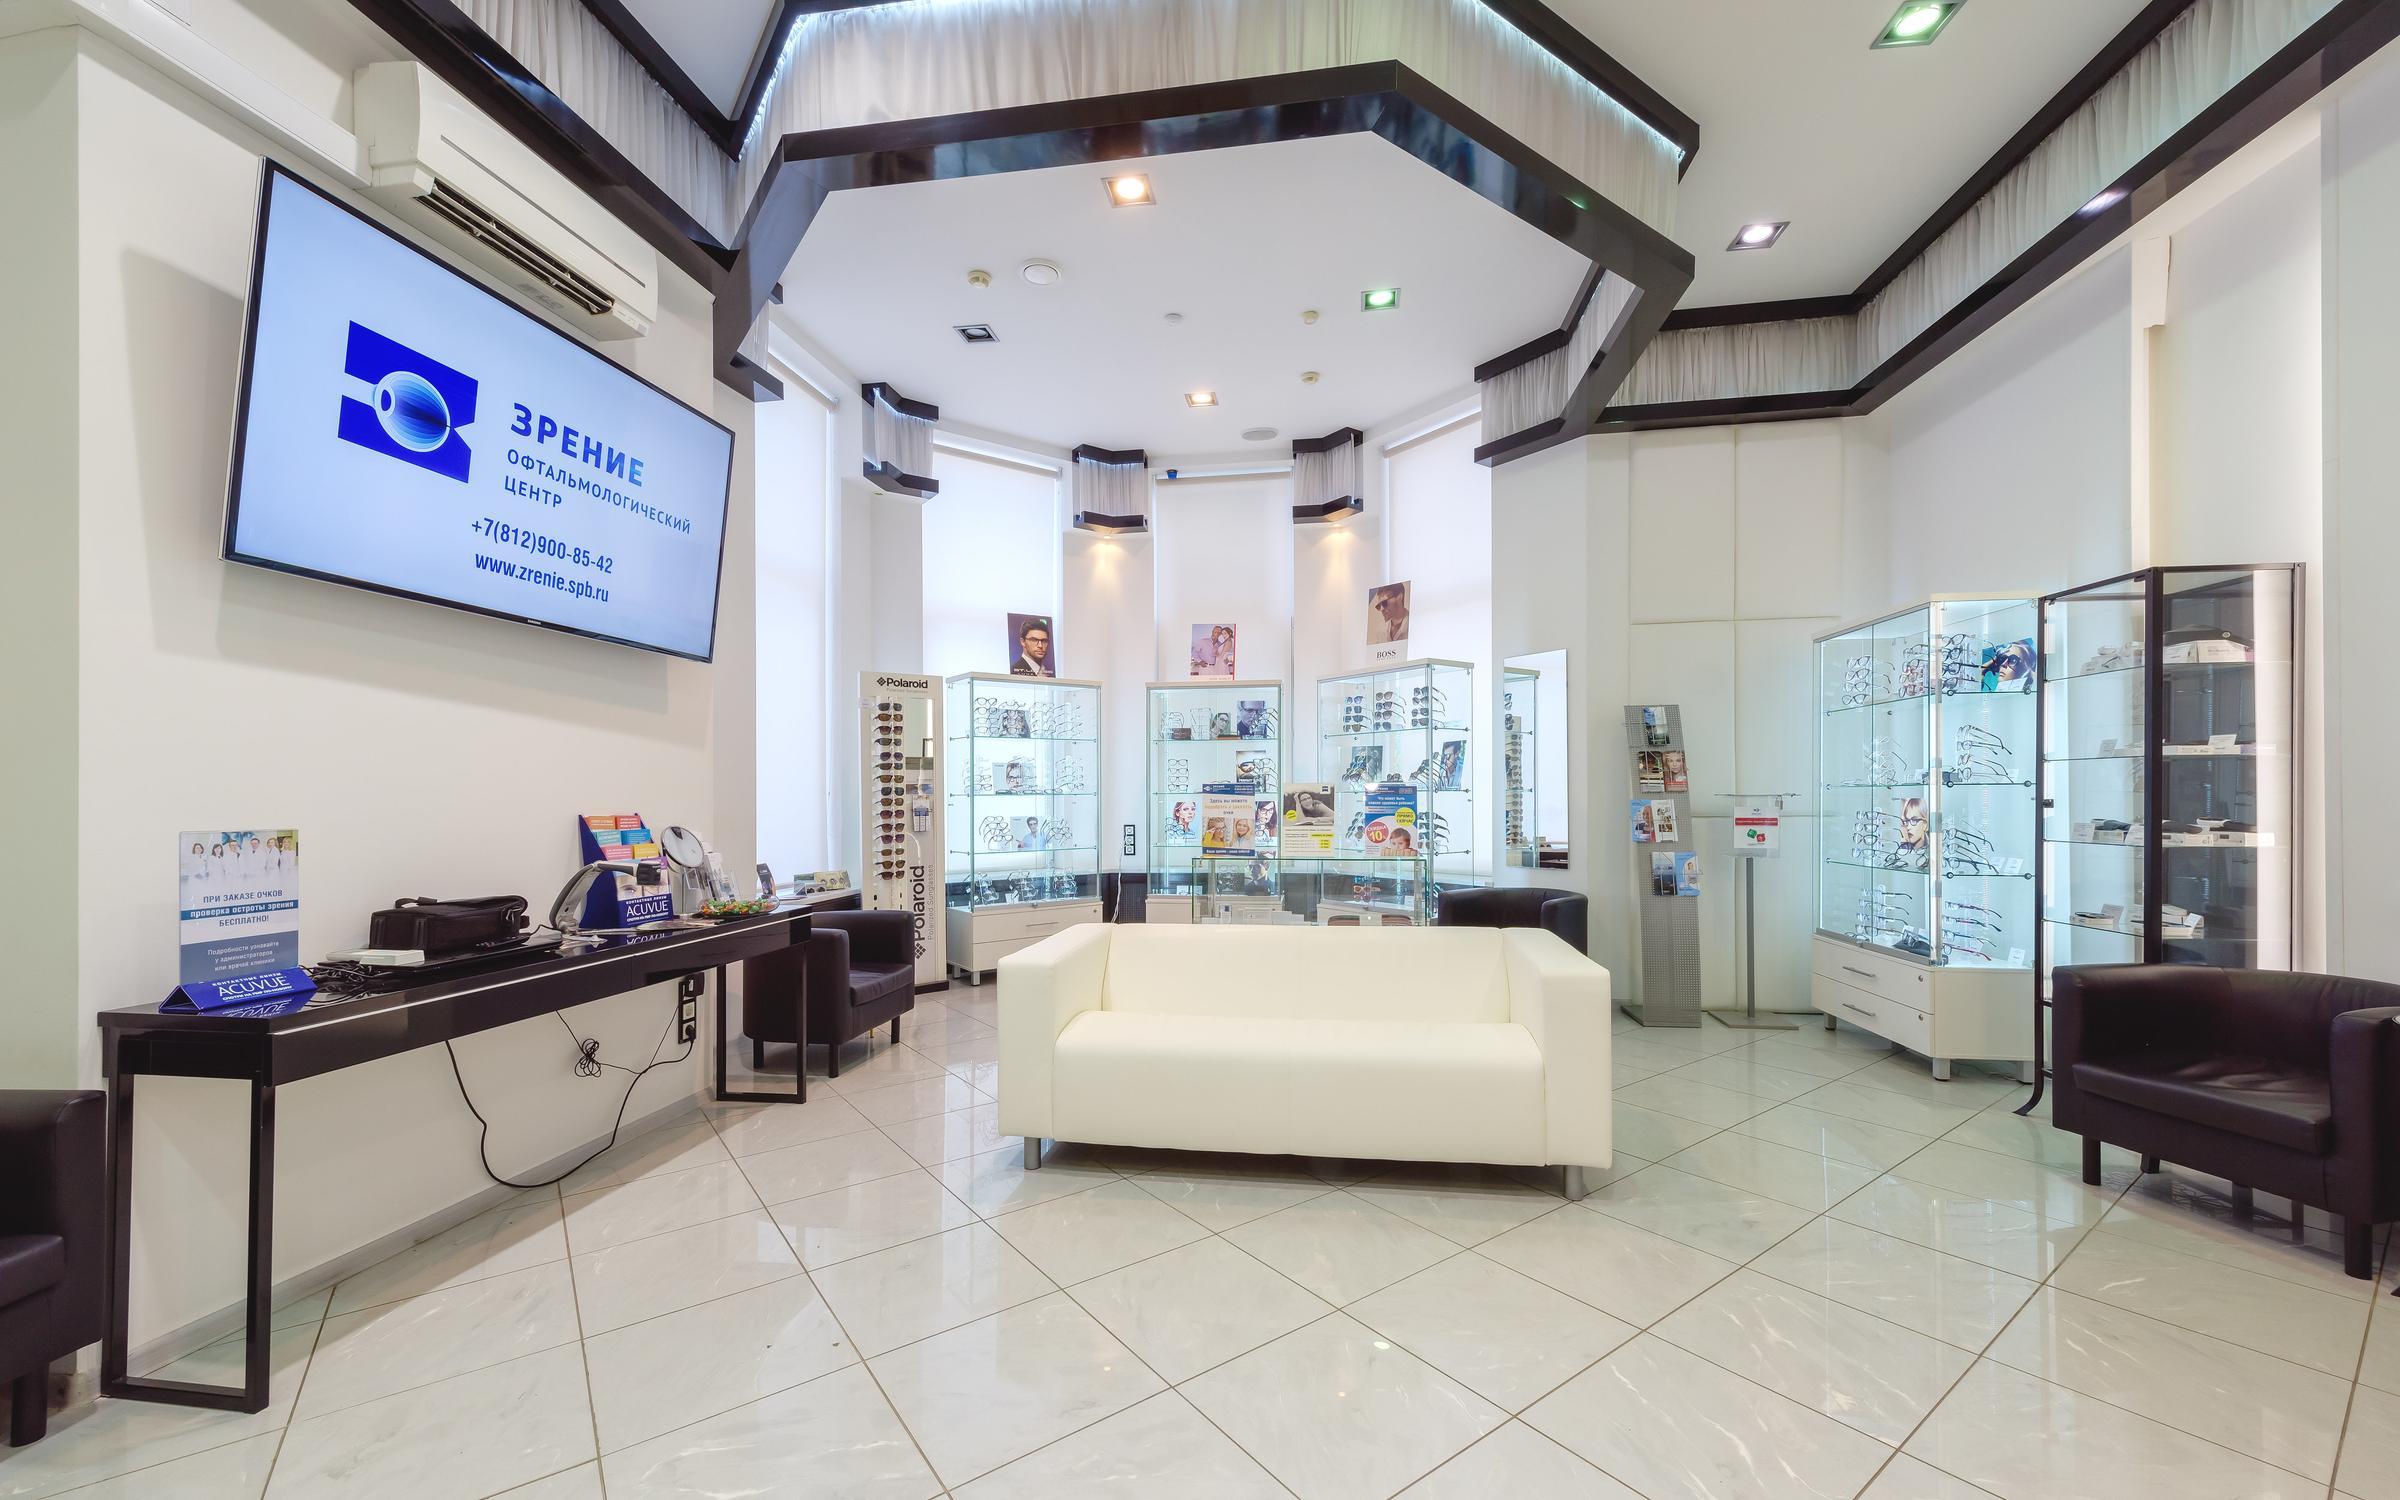 фотография Офтальмологического центра ЗРЕНИЕ на метро Горьковская